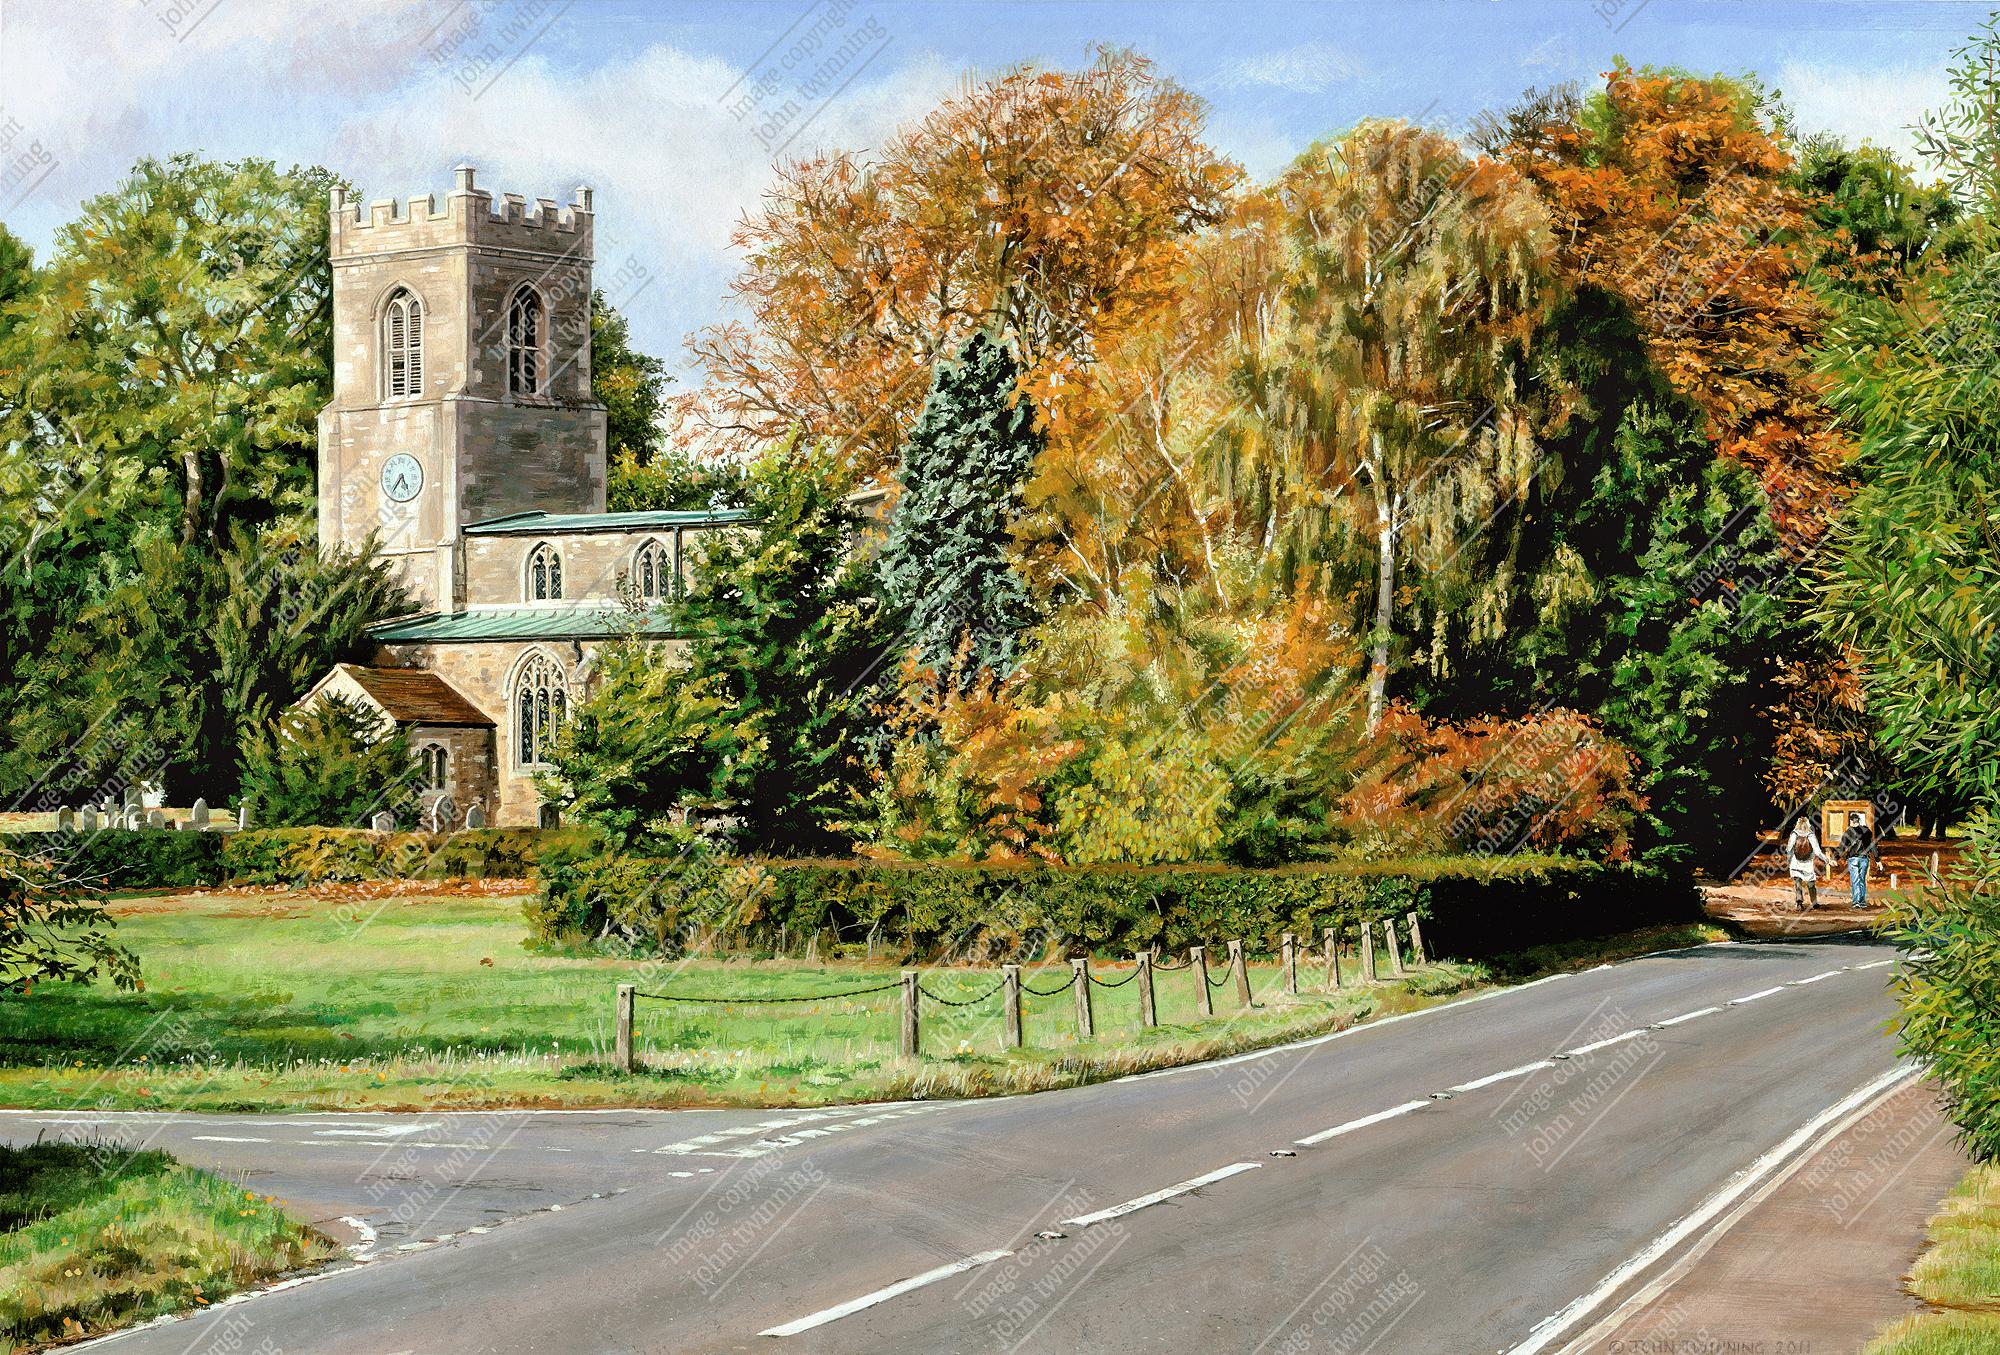 Abbots Ripton church at autumn time